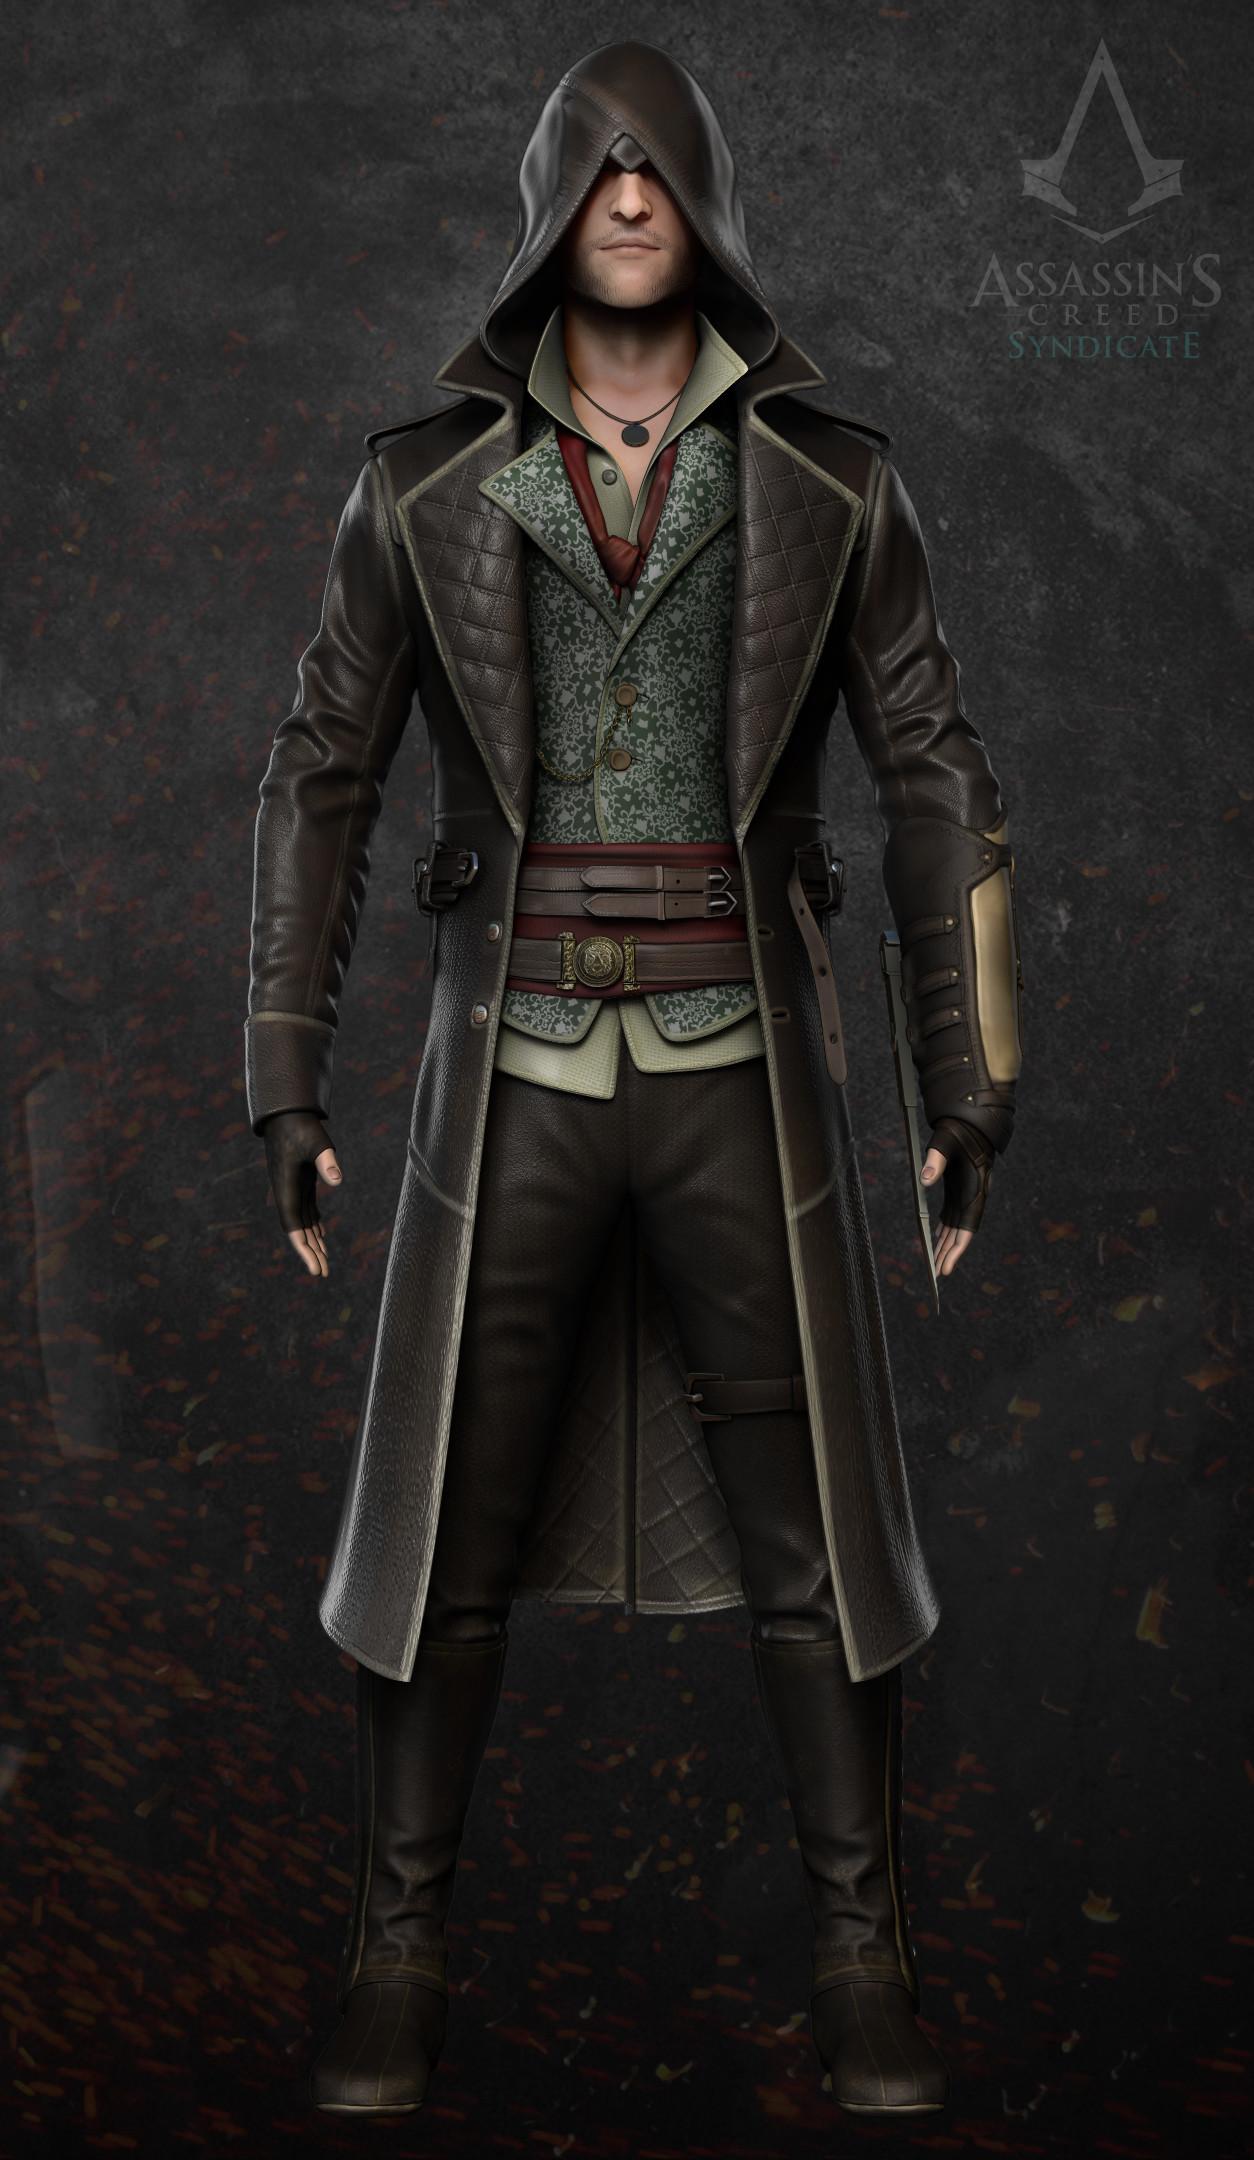 Artstation Jacob Frye Assassin S Creed Syndicate Vivek Kumar